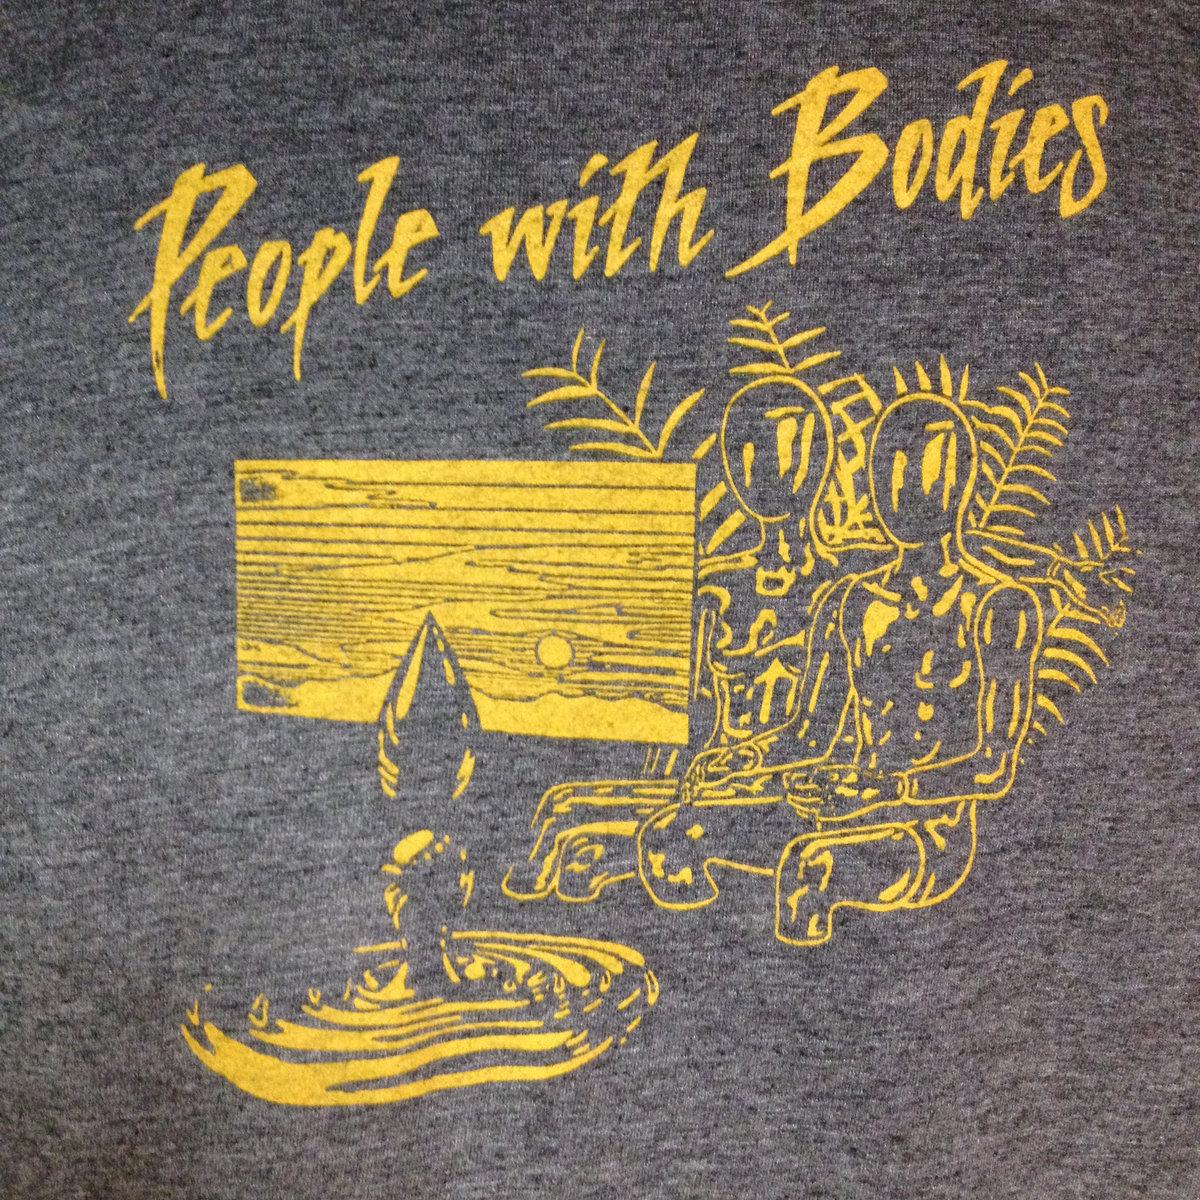 T shirt design reno nv -  First Run T Shirts Design By Nathaniel Benjamin Photo